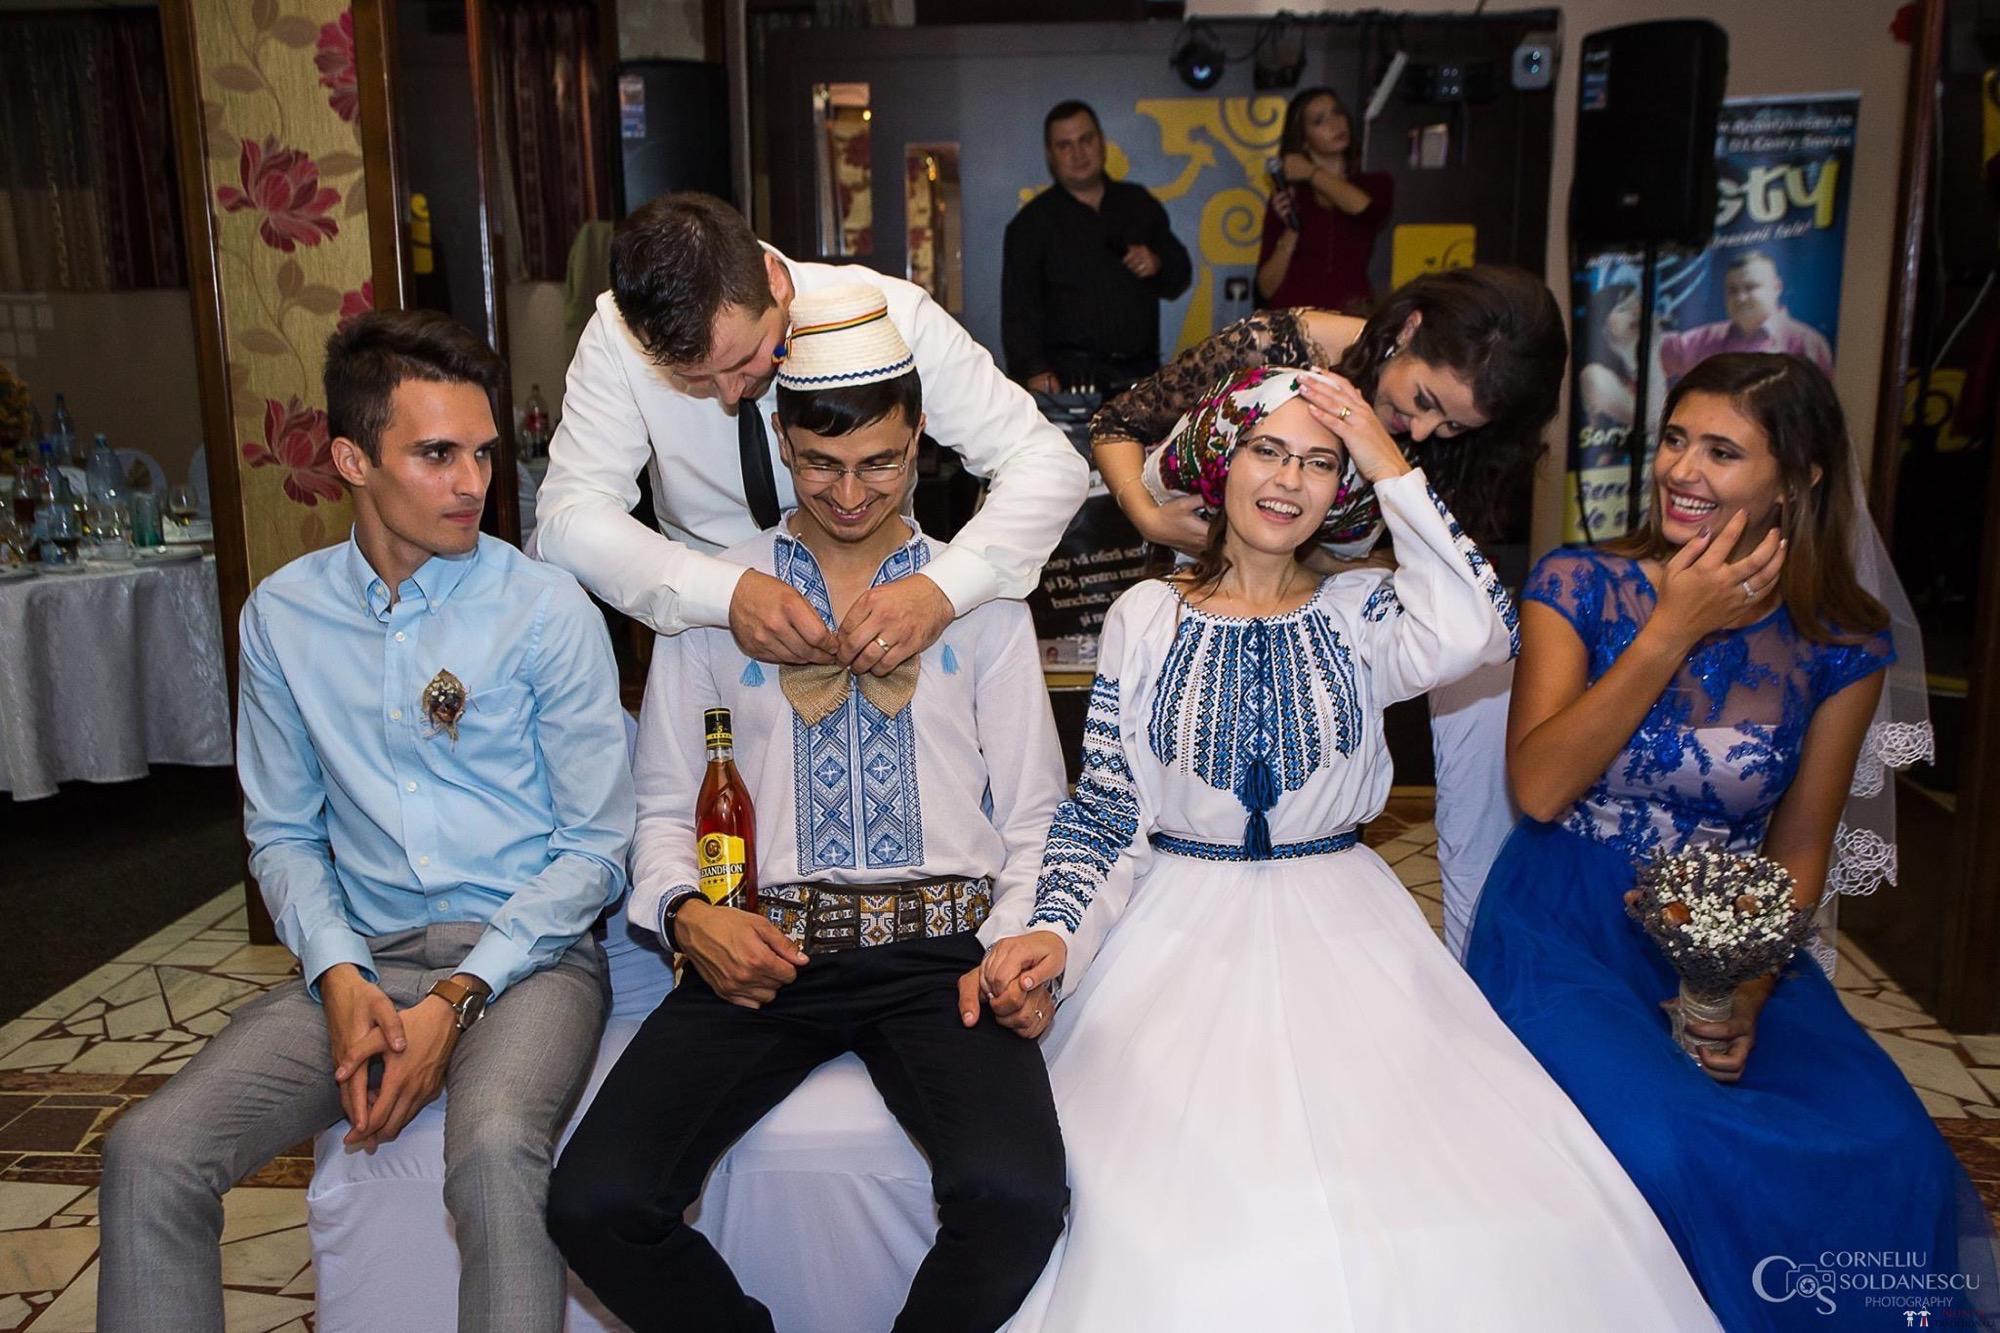 Povești Nunți Tradiționale - Ioana-Alexandra și Bogdan-Vasile. Nuntă tradițională în Fălticeni 30